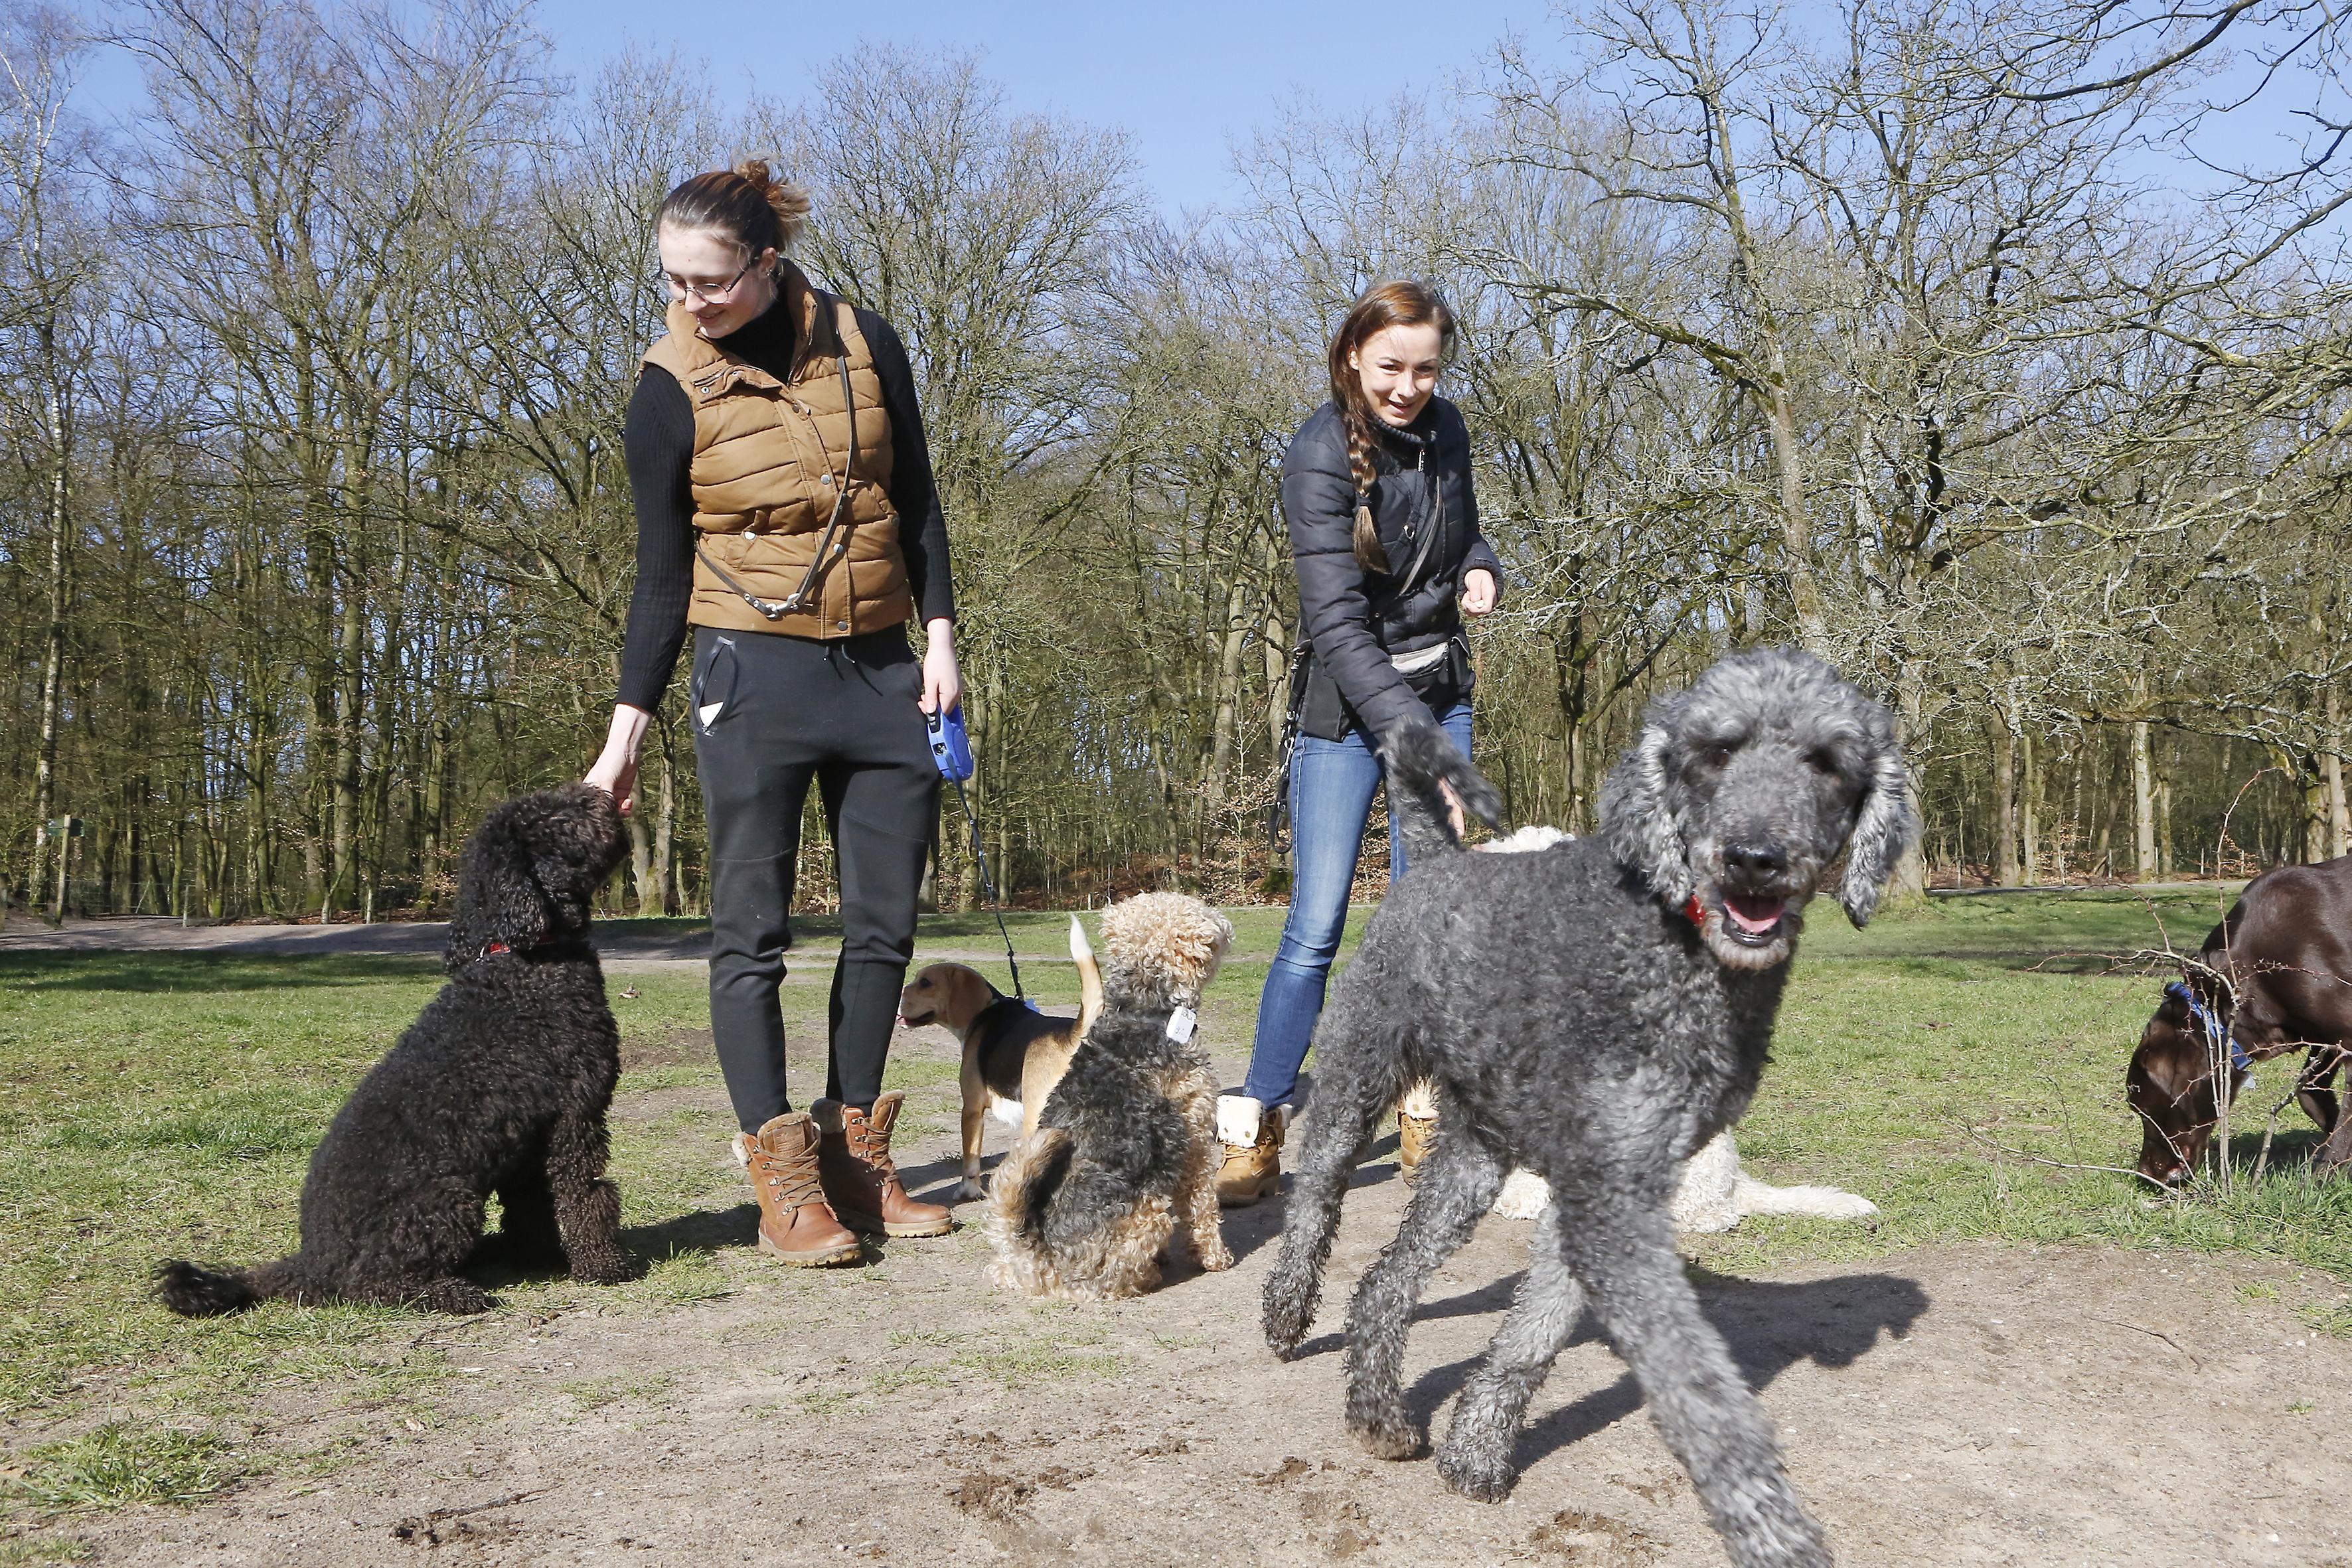 Hondenuitlaatservices hebben de natuur als een te wankel bedrijfsmiddel gekozen, maar het echte probleem begint bij de hondenbezitters | opinie